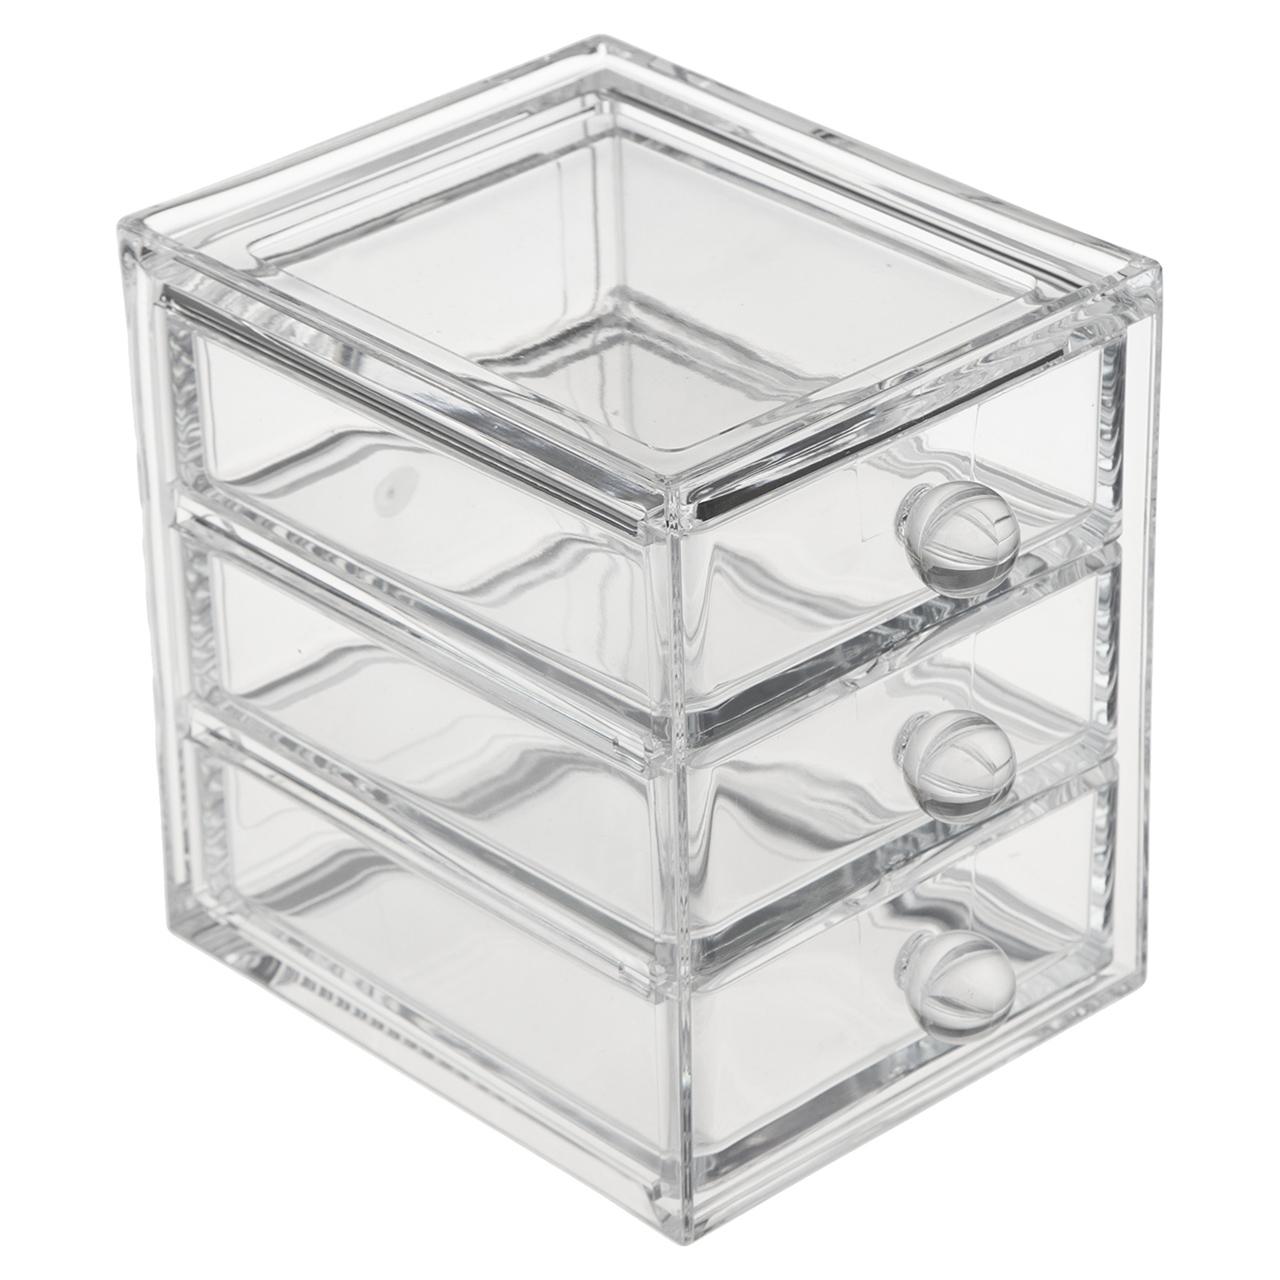 جعبه جواهرات هوم پین مدل 5715